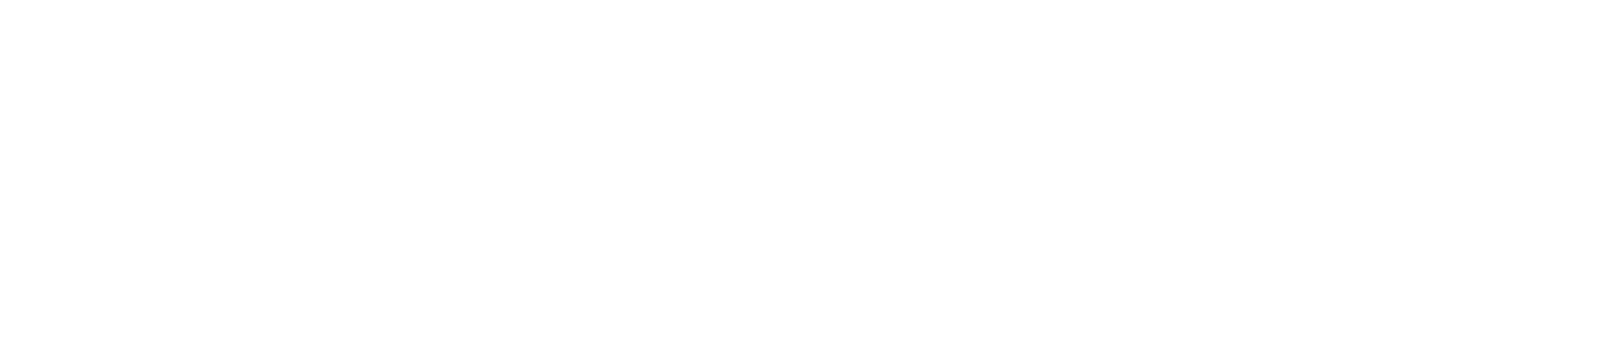 Gabriele Golissa